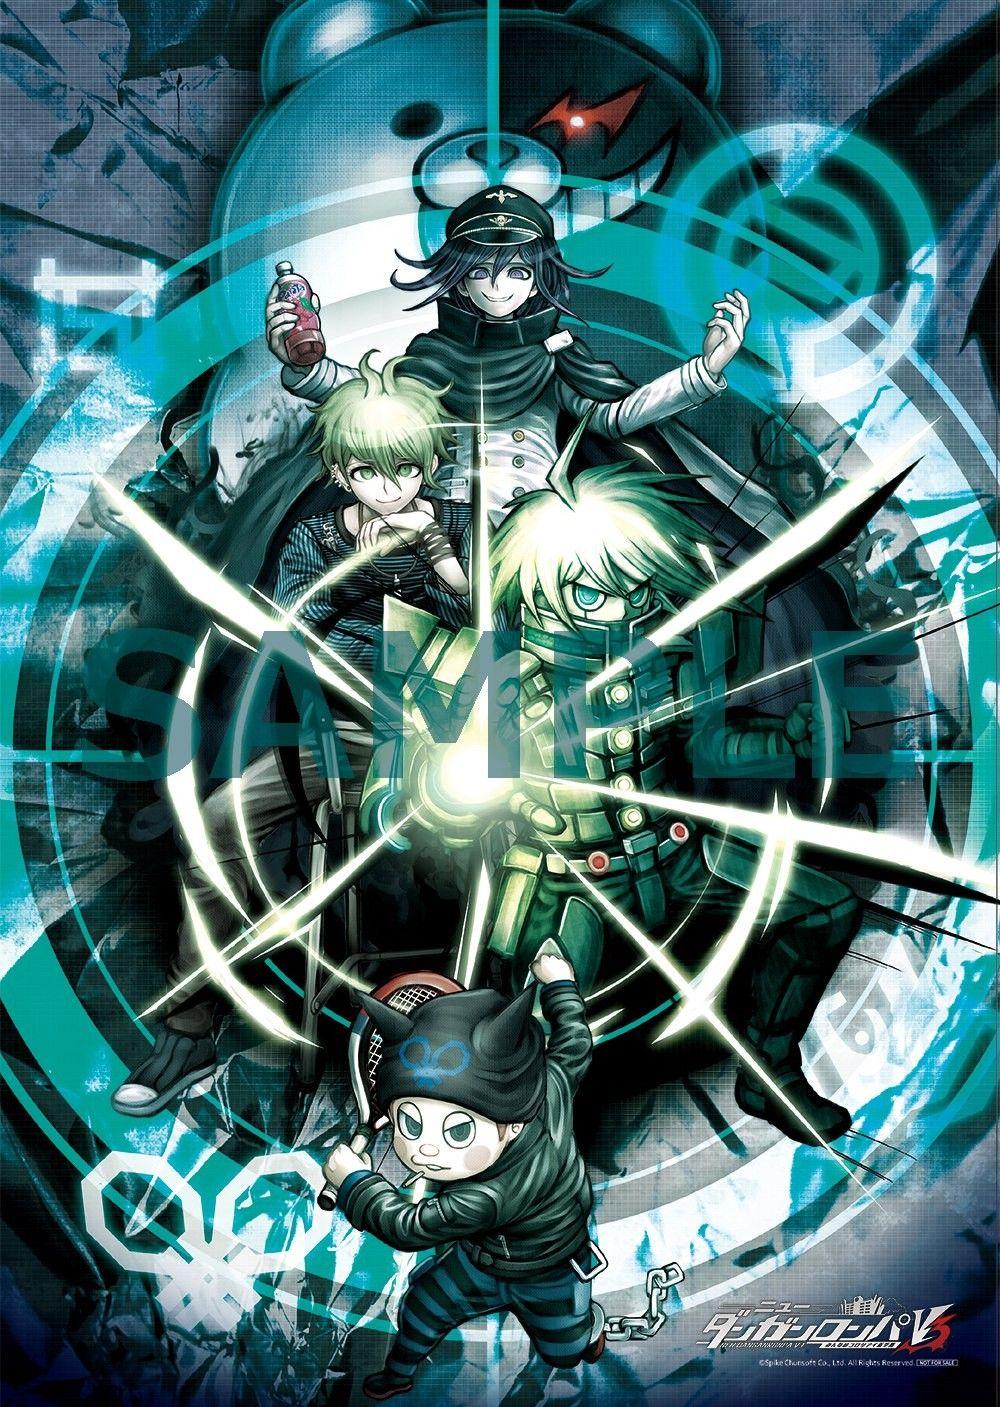 K1b0 Ryoma Hoshi Rantaro Amami Kokichi Ouma Danganronpa New Danganronpa V3 Danganronpa Memes Hoshi ryouma is a character from new danganronpa v3. k1b0 ryoma hoshi rantaro amami